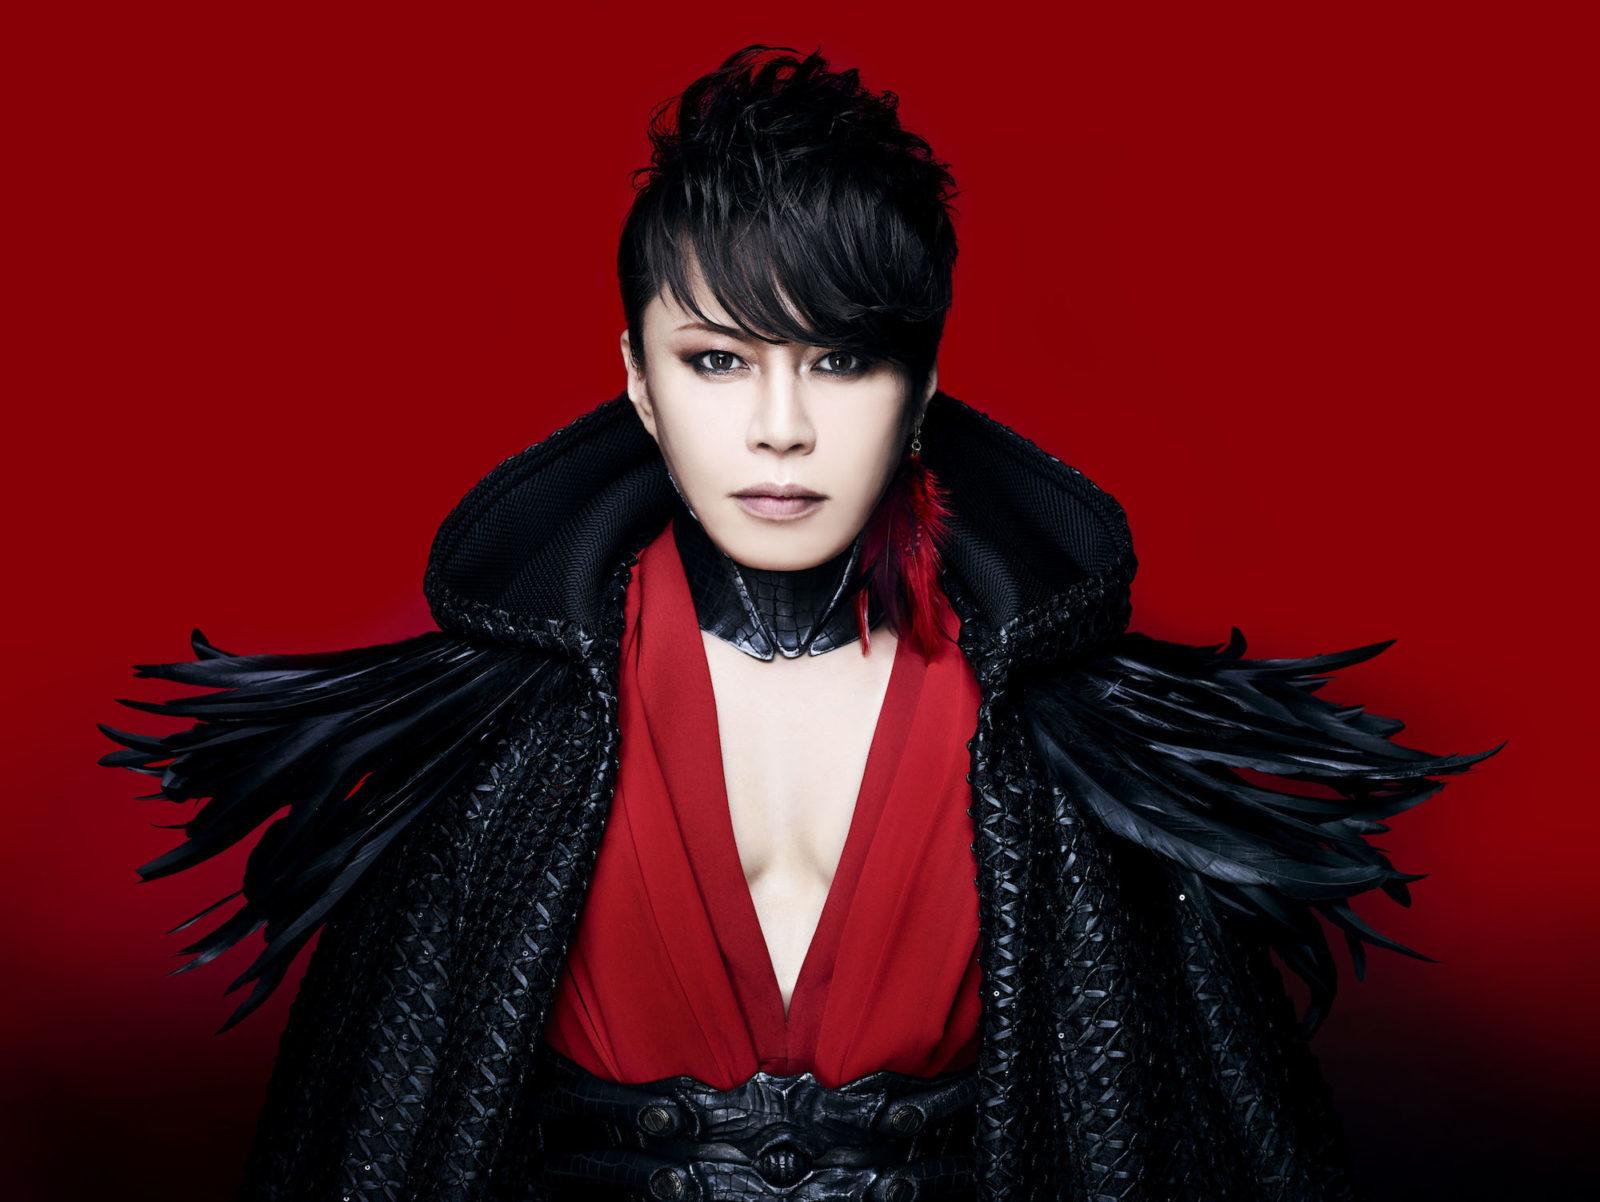 西川貴教名義初となるシングルのMVが完成!第8回「東宝シンデレラ」出身の美少女、神谷天音がMV初出演サムネイル画像